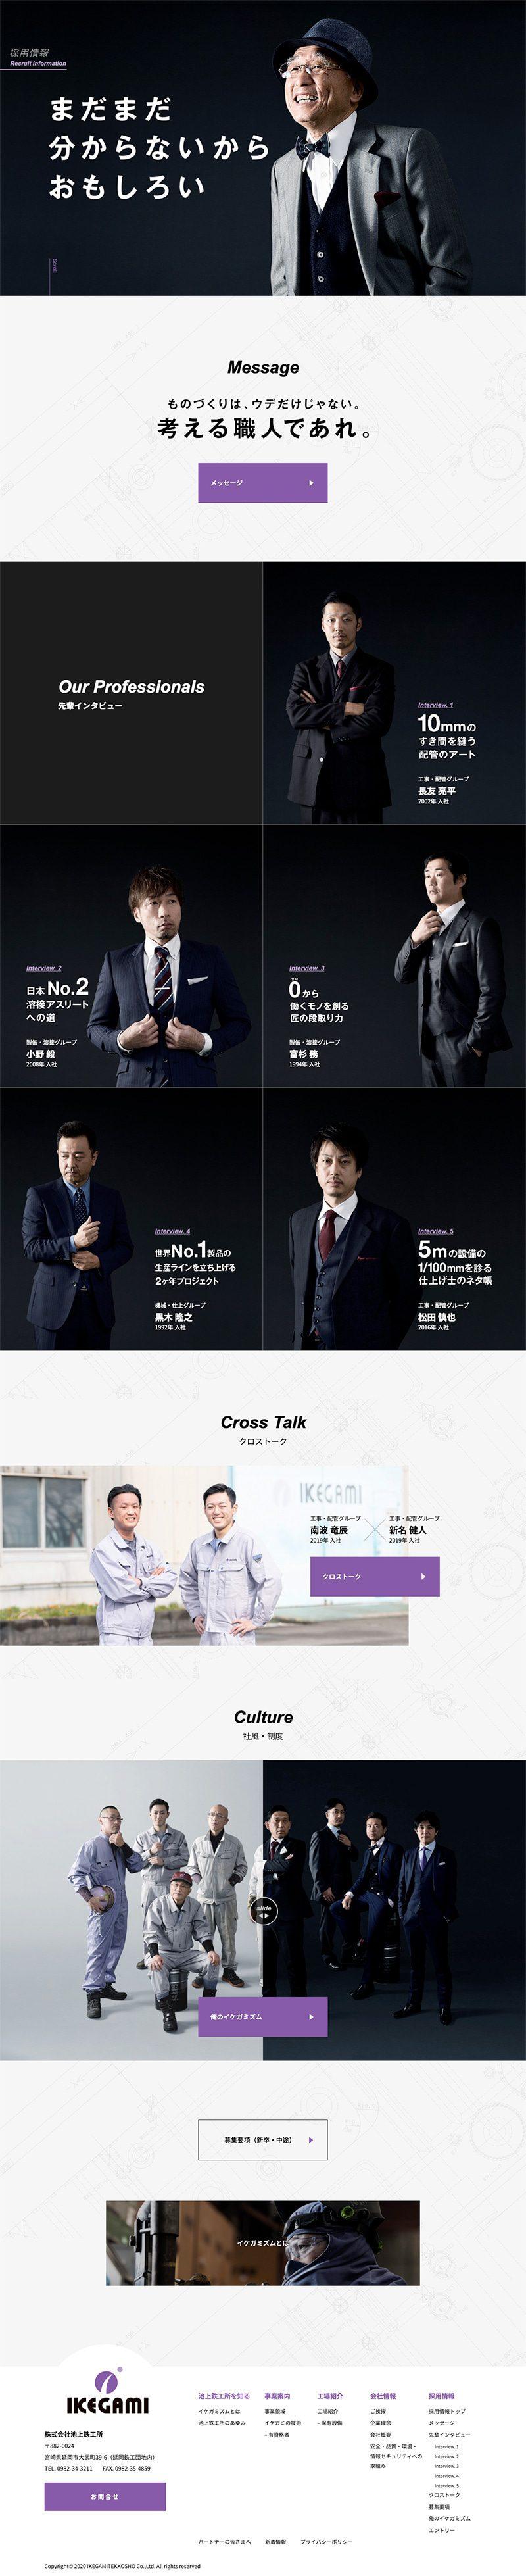 株式会社池上鉄工所様|採用サイト(採用情報)